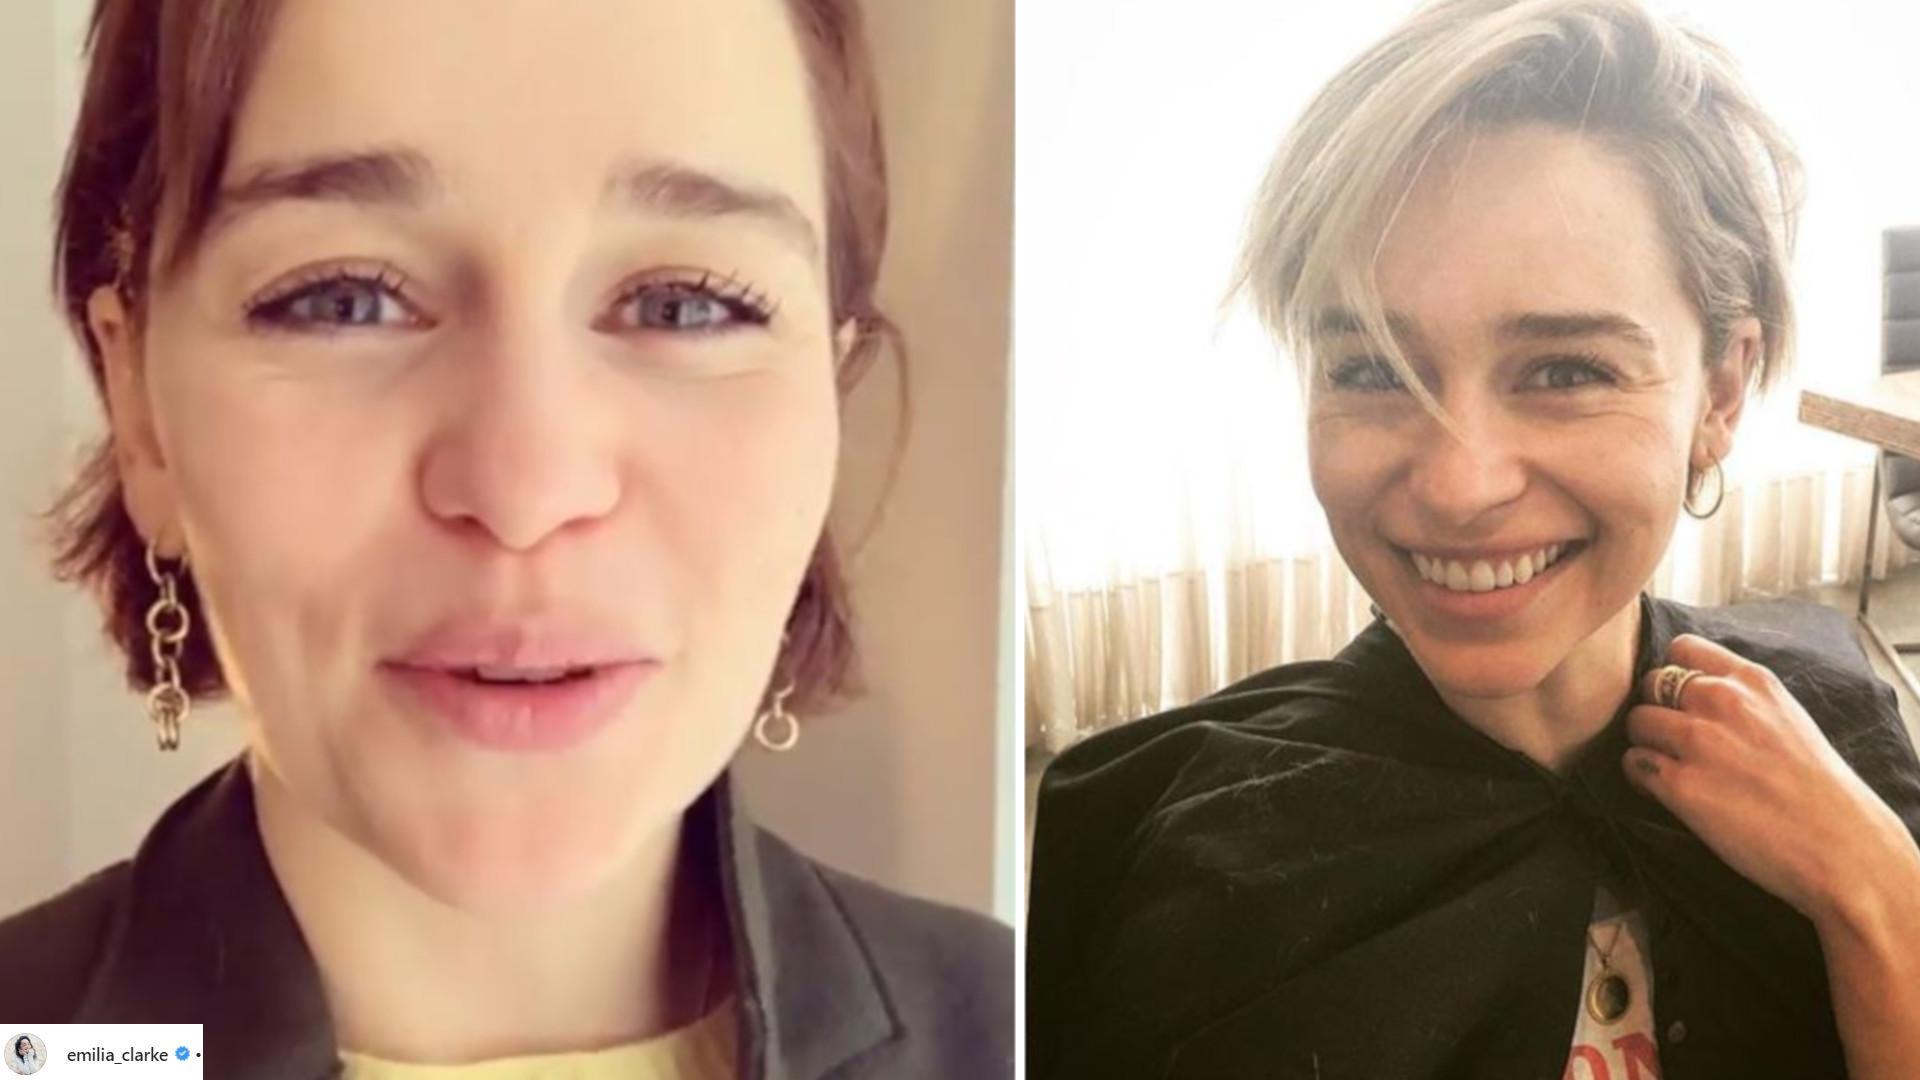 Emilia Clarke pokazała ARCHIWALNE zdjęcia po operacji. Tętniak w mózgu doprowadził ją prawie do śmierci